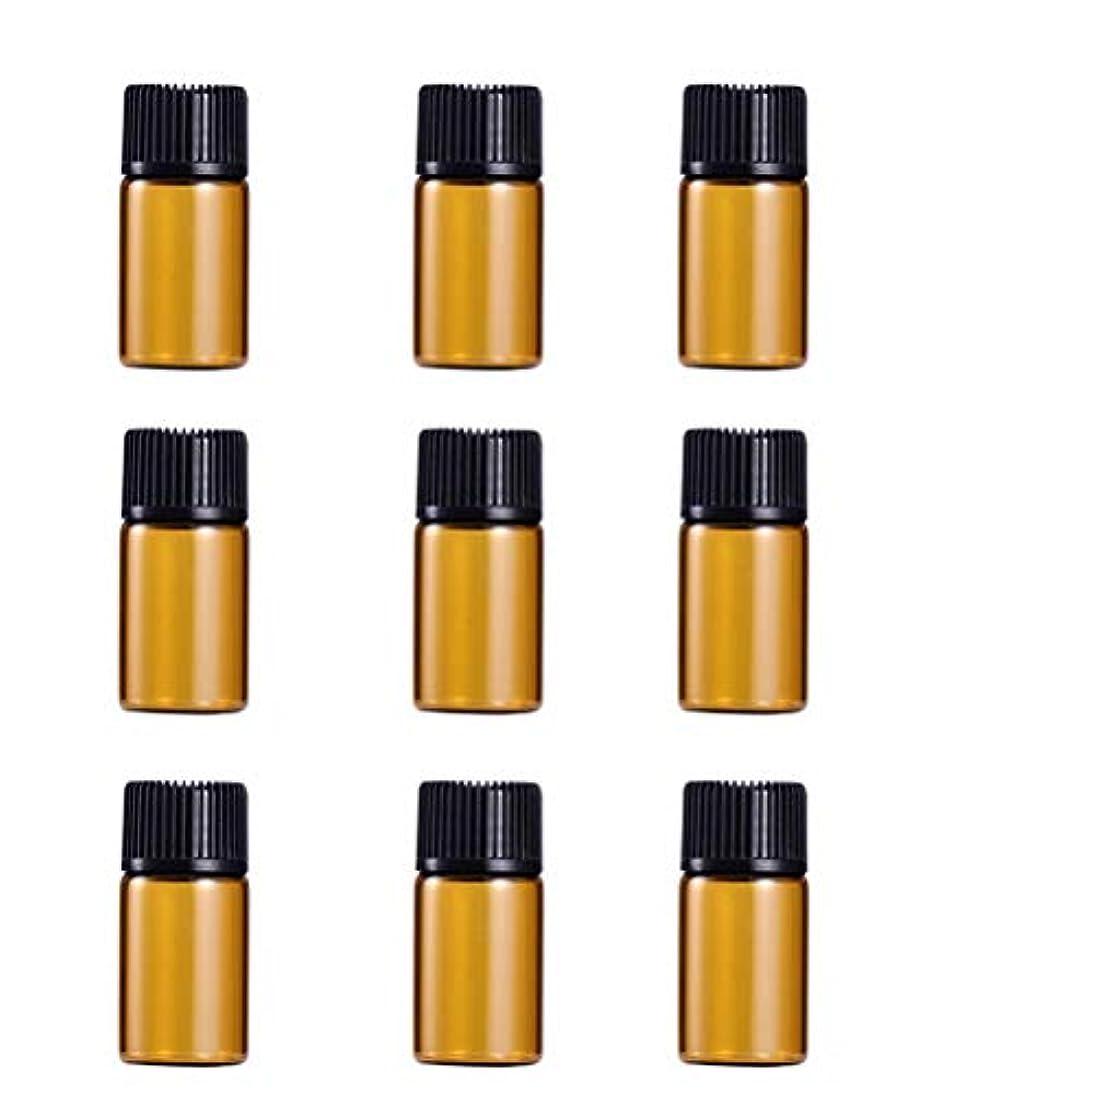 花瓶自動的に考案するWINOMO 遮光瓶 アロマオイル 精油 小分け用 遮光瓶セット アロマボトル 保存容器 エッセンシャルオイル 香水 保存用 詰替え ガラス 茶色(9個入り 3ml)